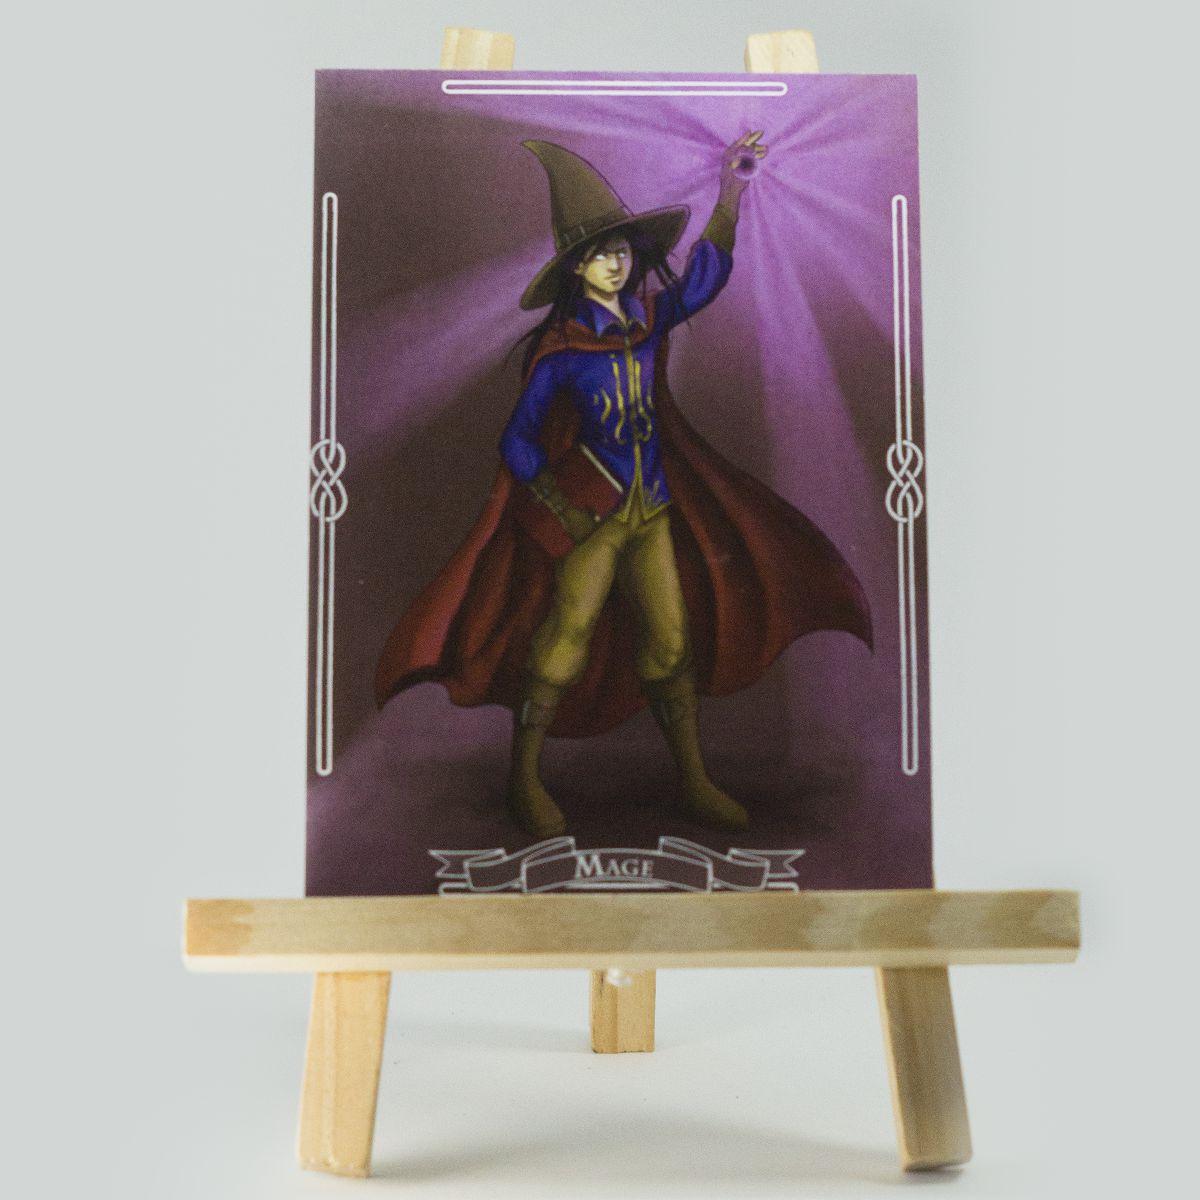 Carte RPG Mage – Original Character